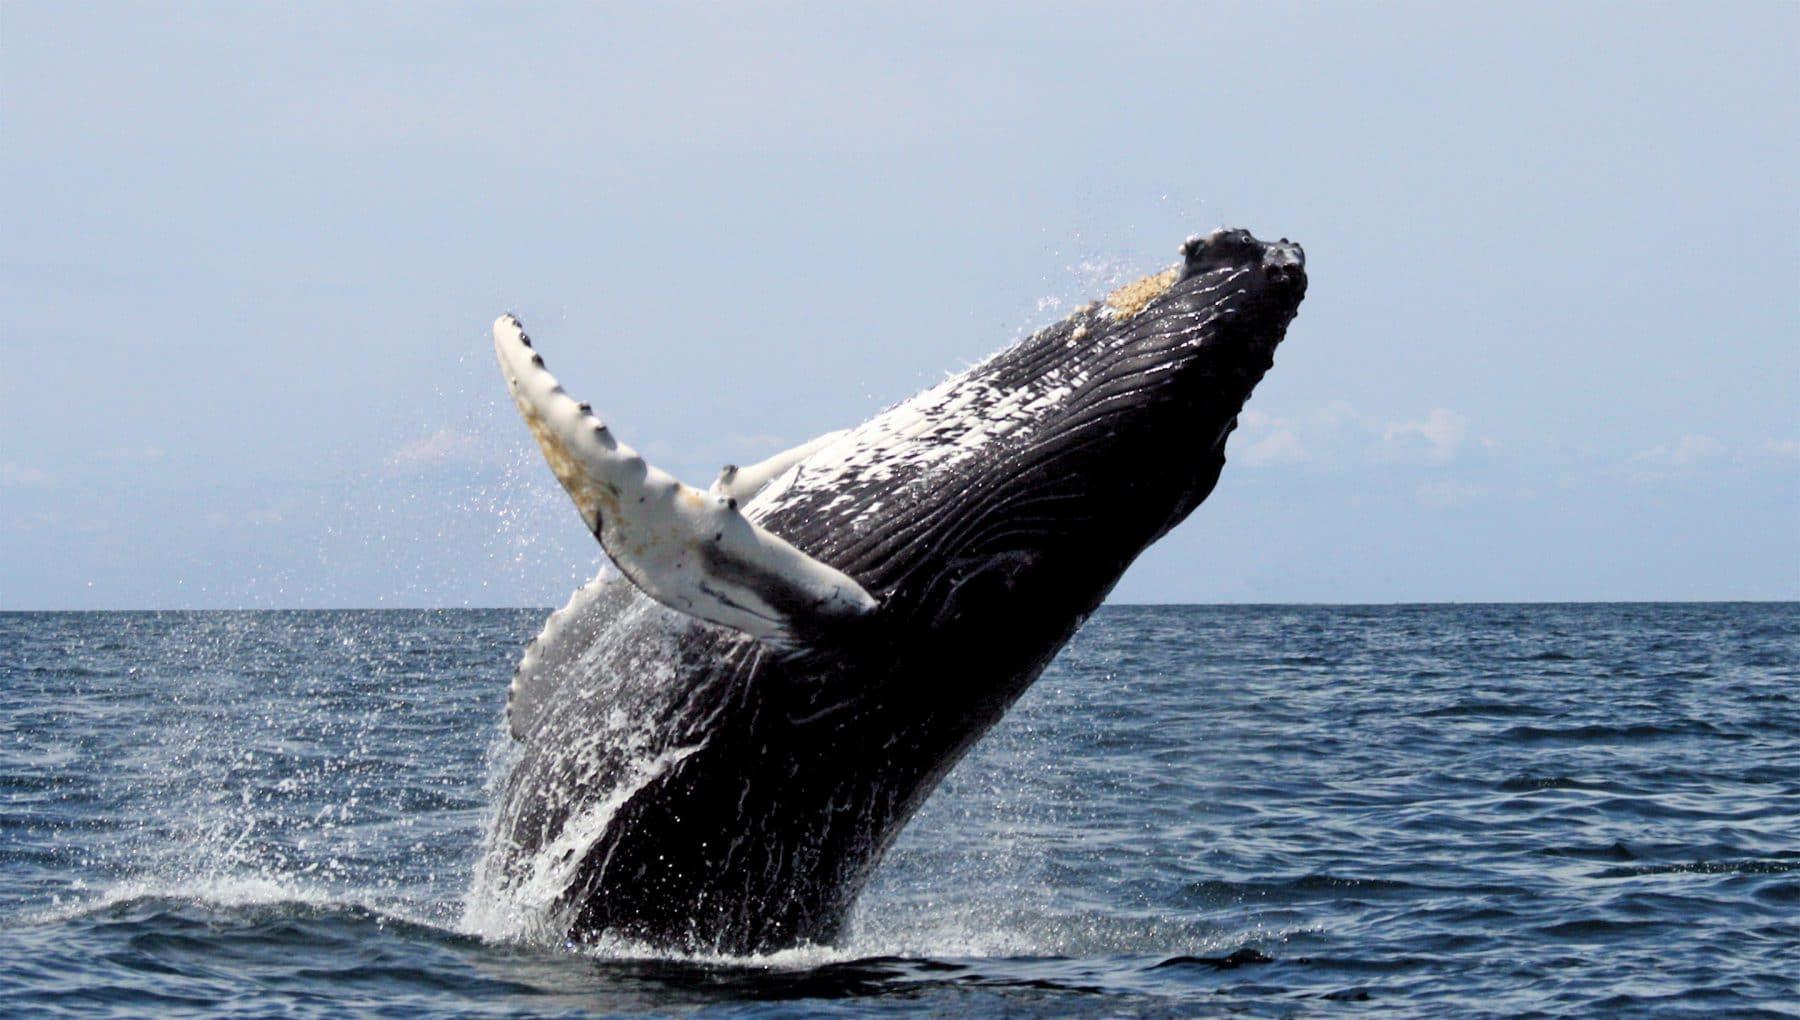 observer les baleines à bosse, 10 expériences nature à vivre au Costa Rica